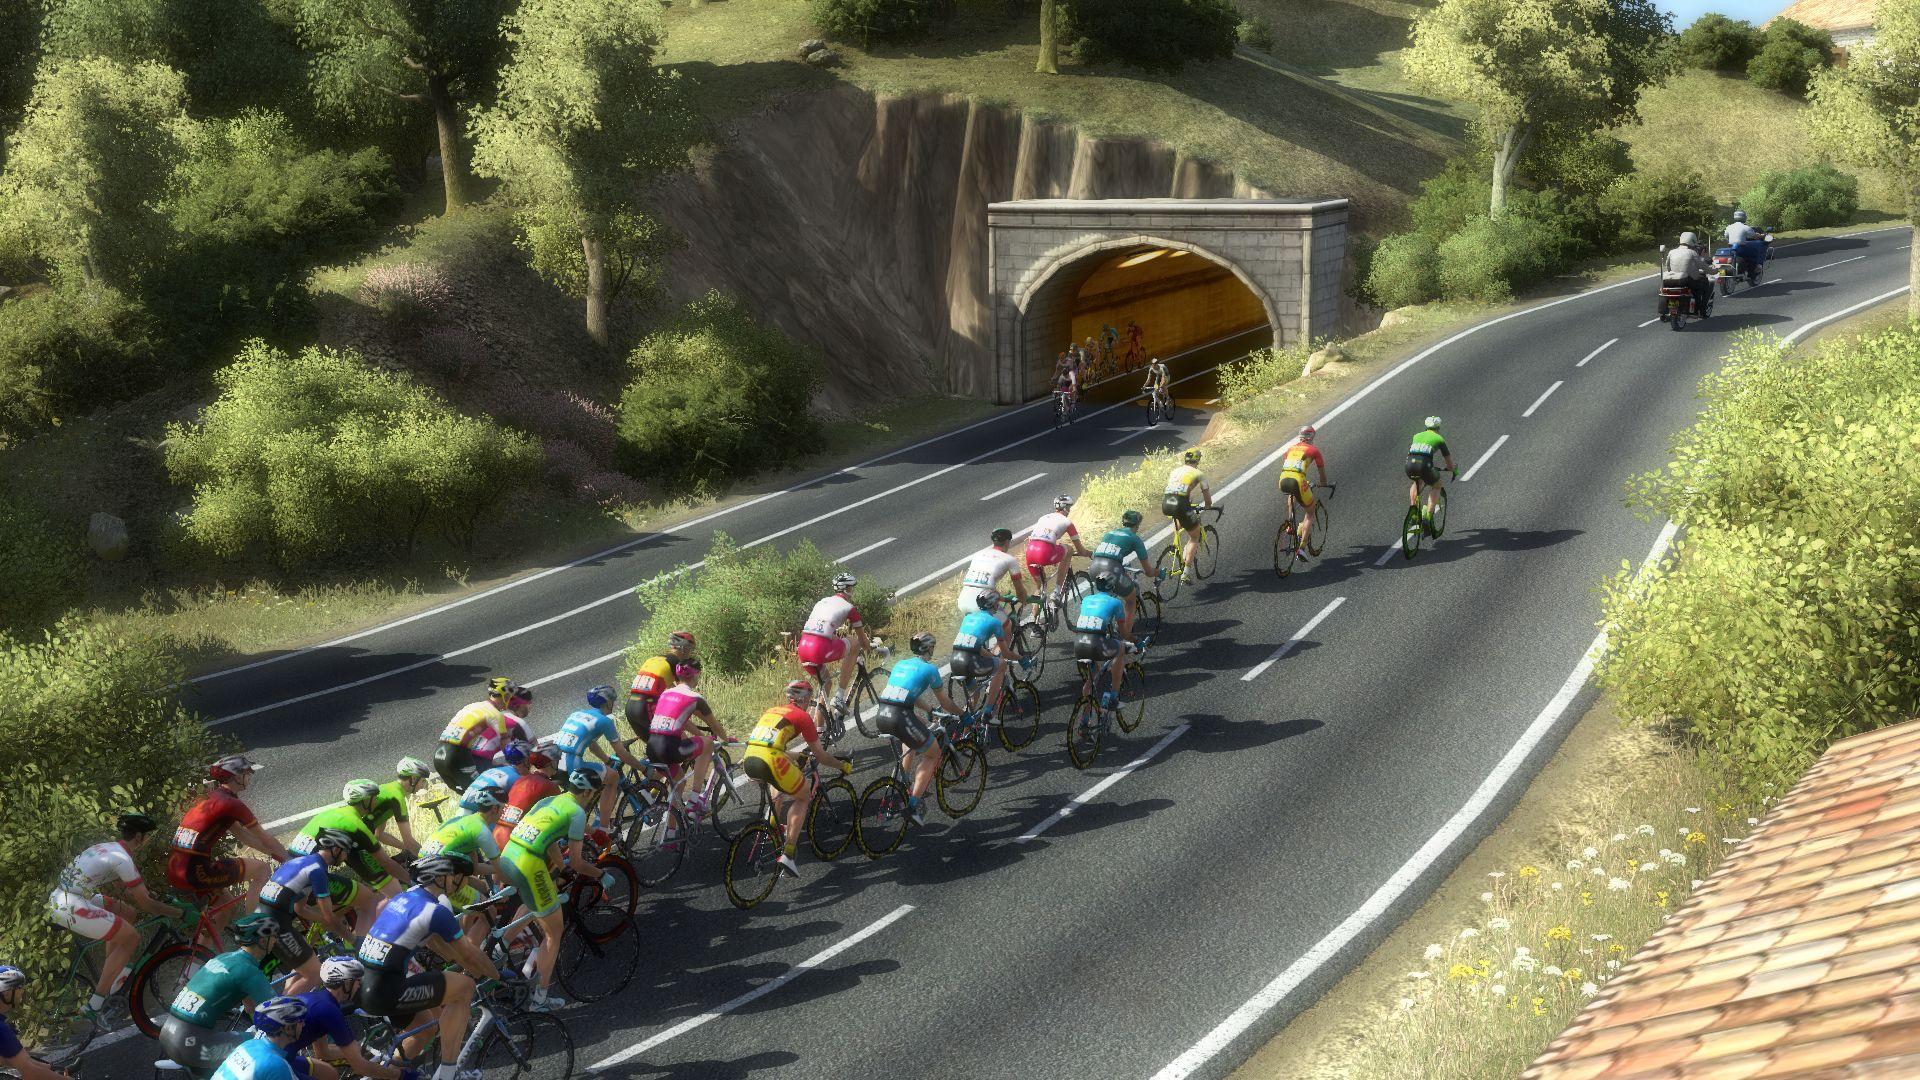 pcmdaily.com/images/mg/2019/Races/PT/Badaling/mg19_bad_05.jpg